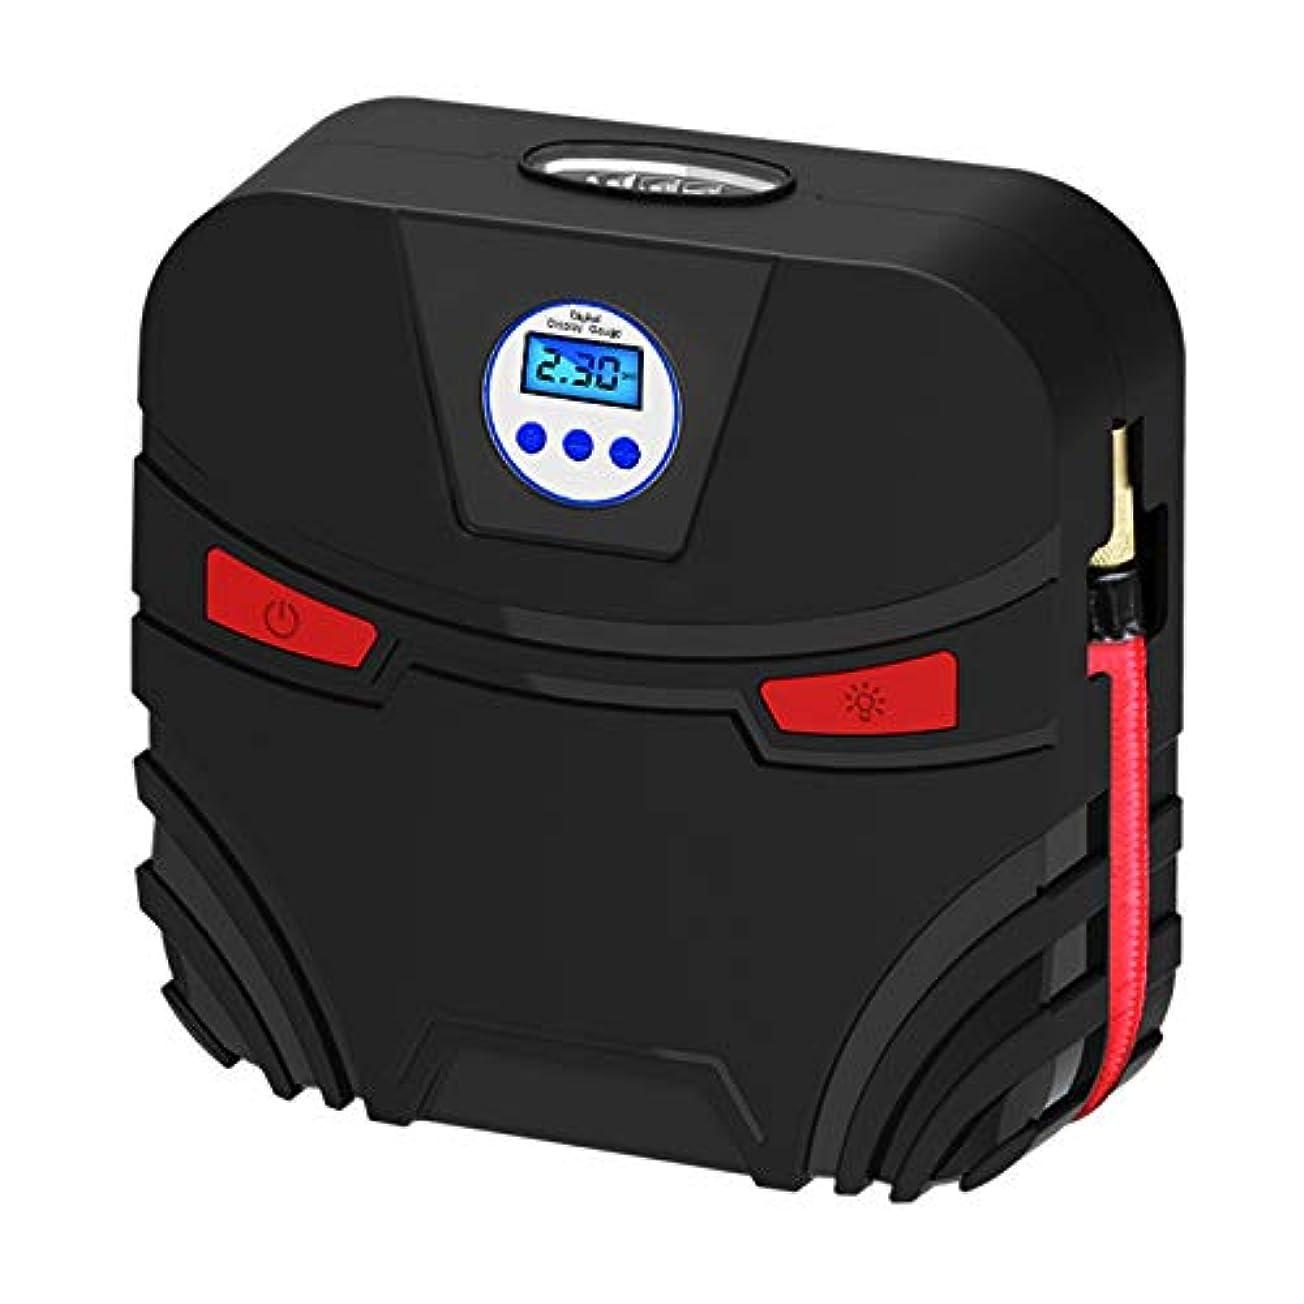 キャプションエンゲージメントベーコンSemoic 車のインフレータブルポンプ12 v電子ディスプレイタイヤインフレータ自動車空気圧縮機ポンプLed車のボートベッドアクセサリー